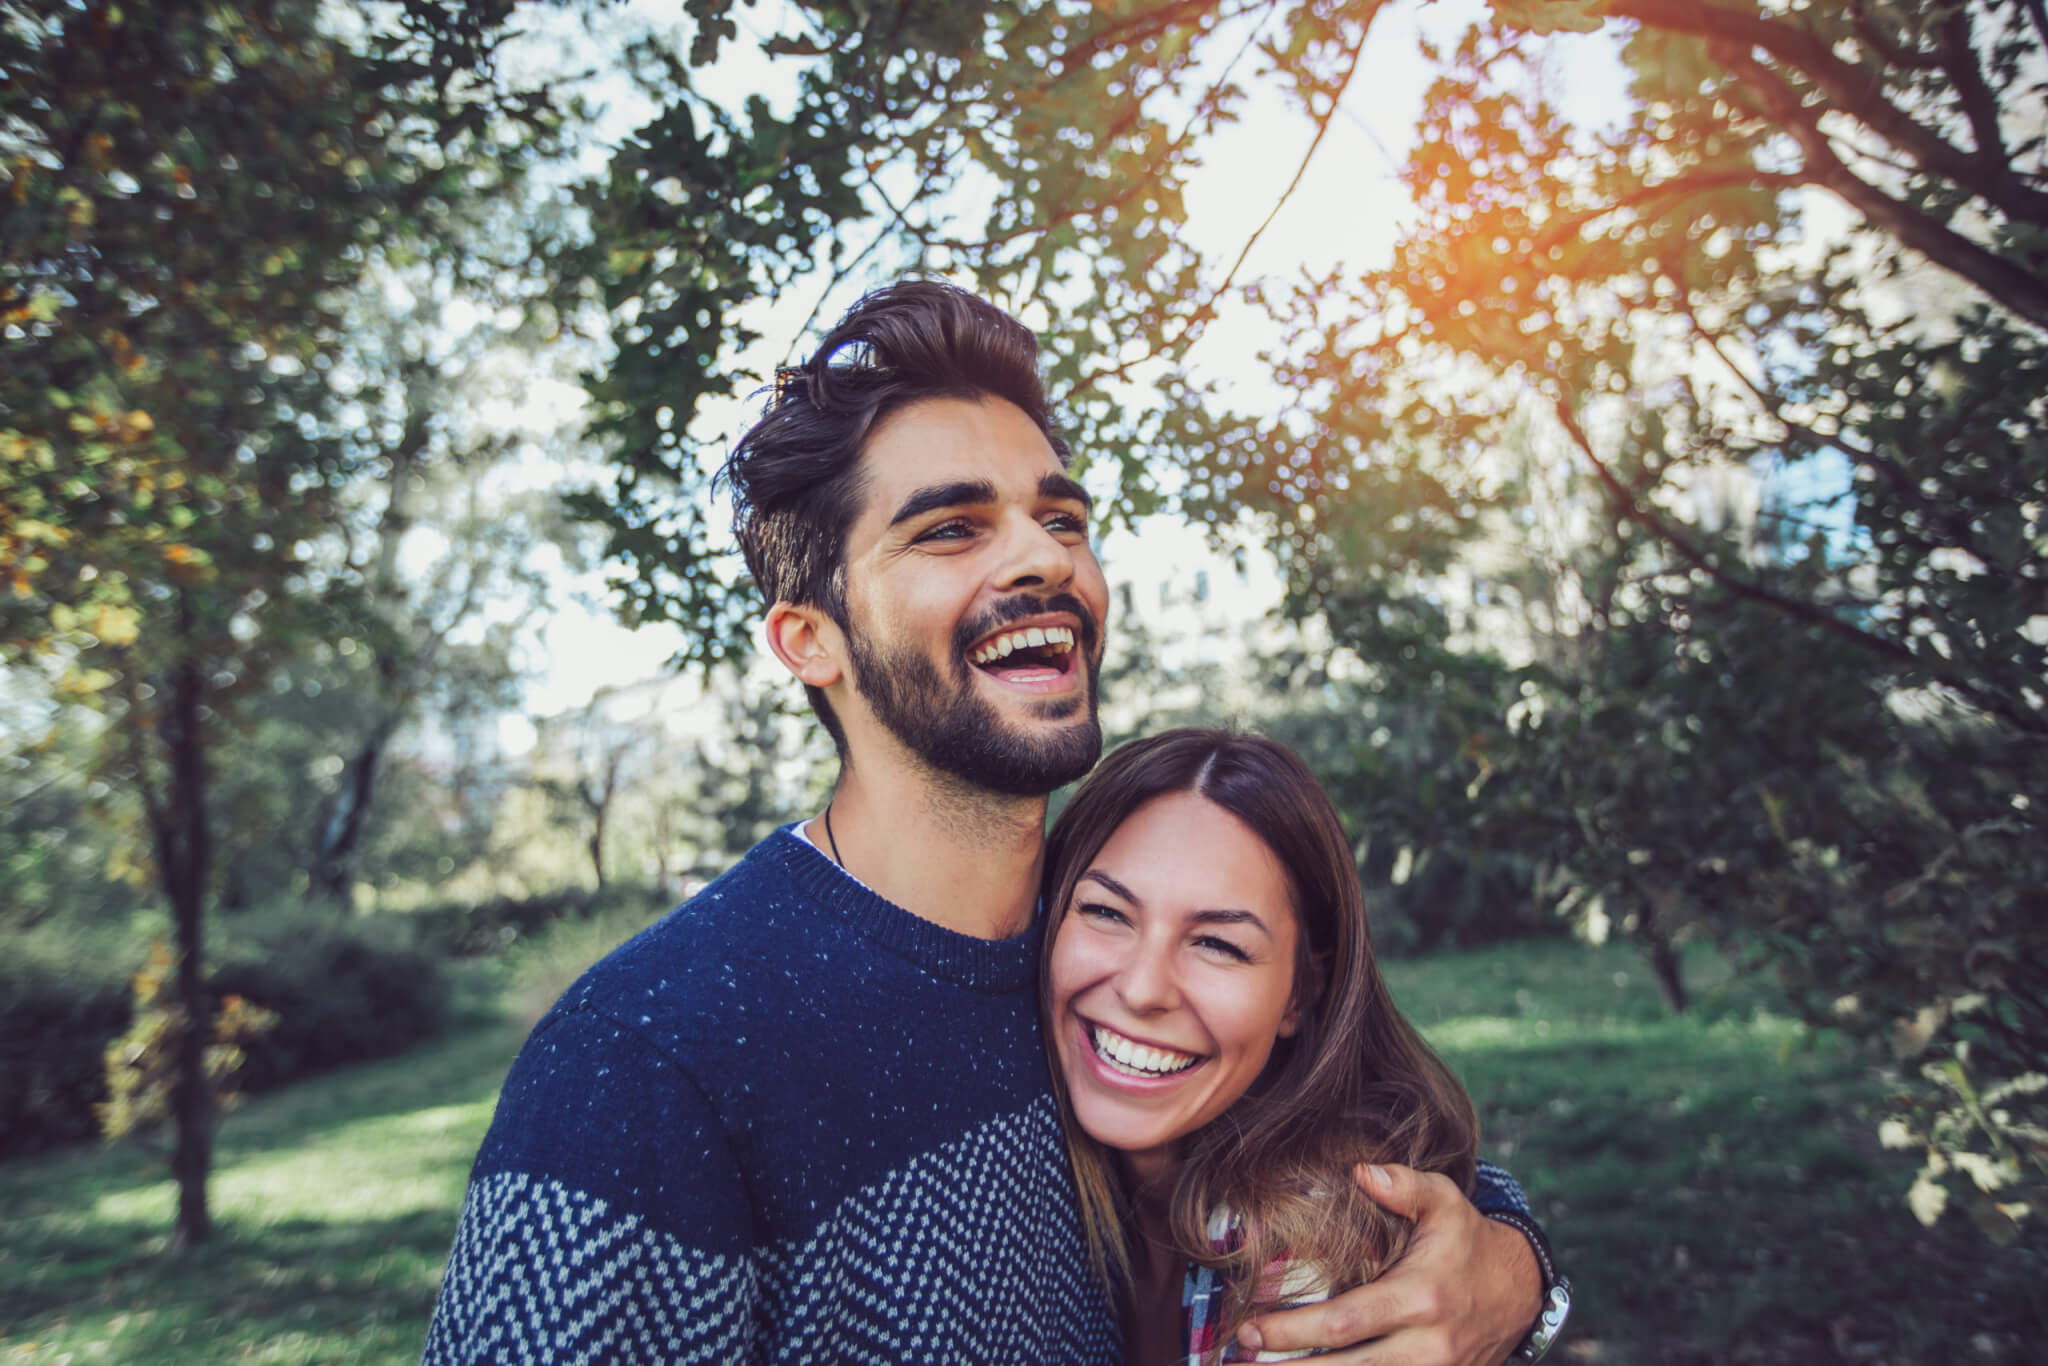 Paar umarmt sich im Park